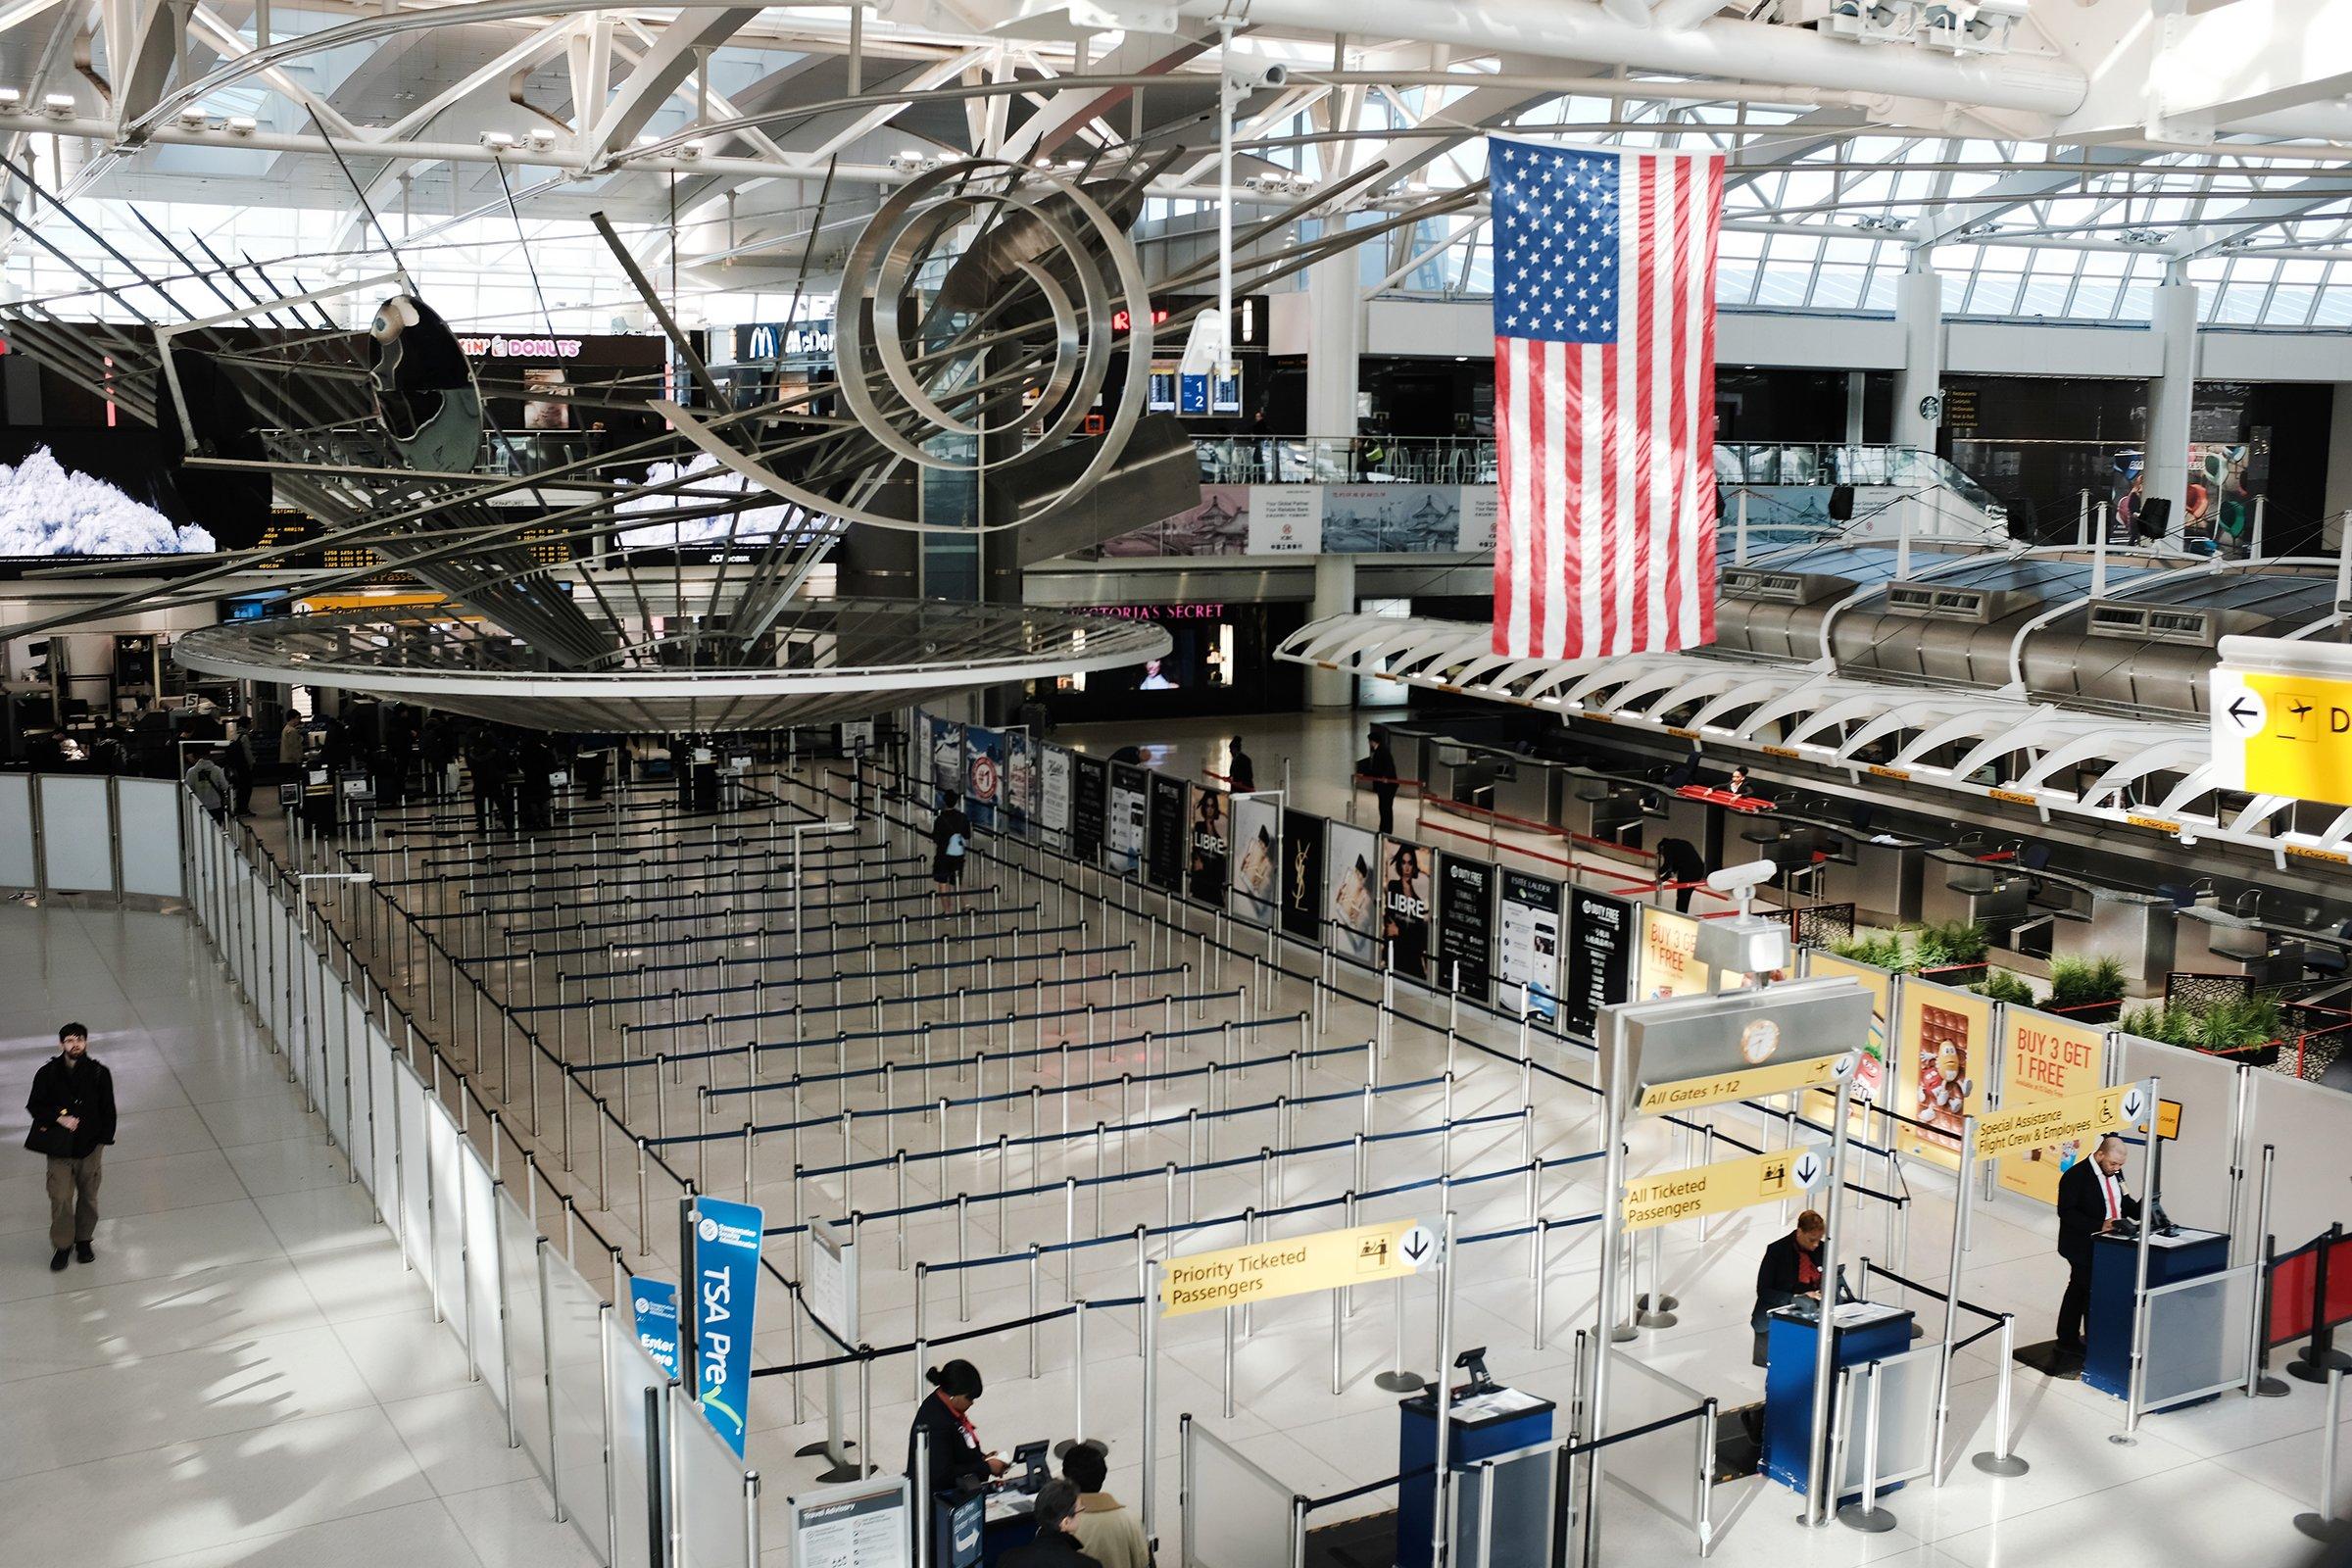 Um terminal de partidas internacionais esparsas no Aeroporto Internacional John F. Kennedy, em Nova York, no dia 7 de março. Dias depois, à medida que as preocupações com o coronavírus aumentavam, o presidente Trump anunciou restrições aos viajantes da Europa.